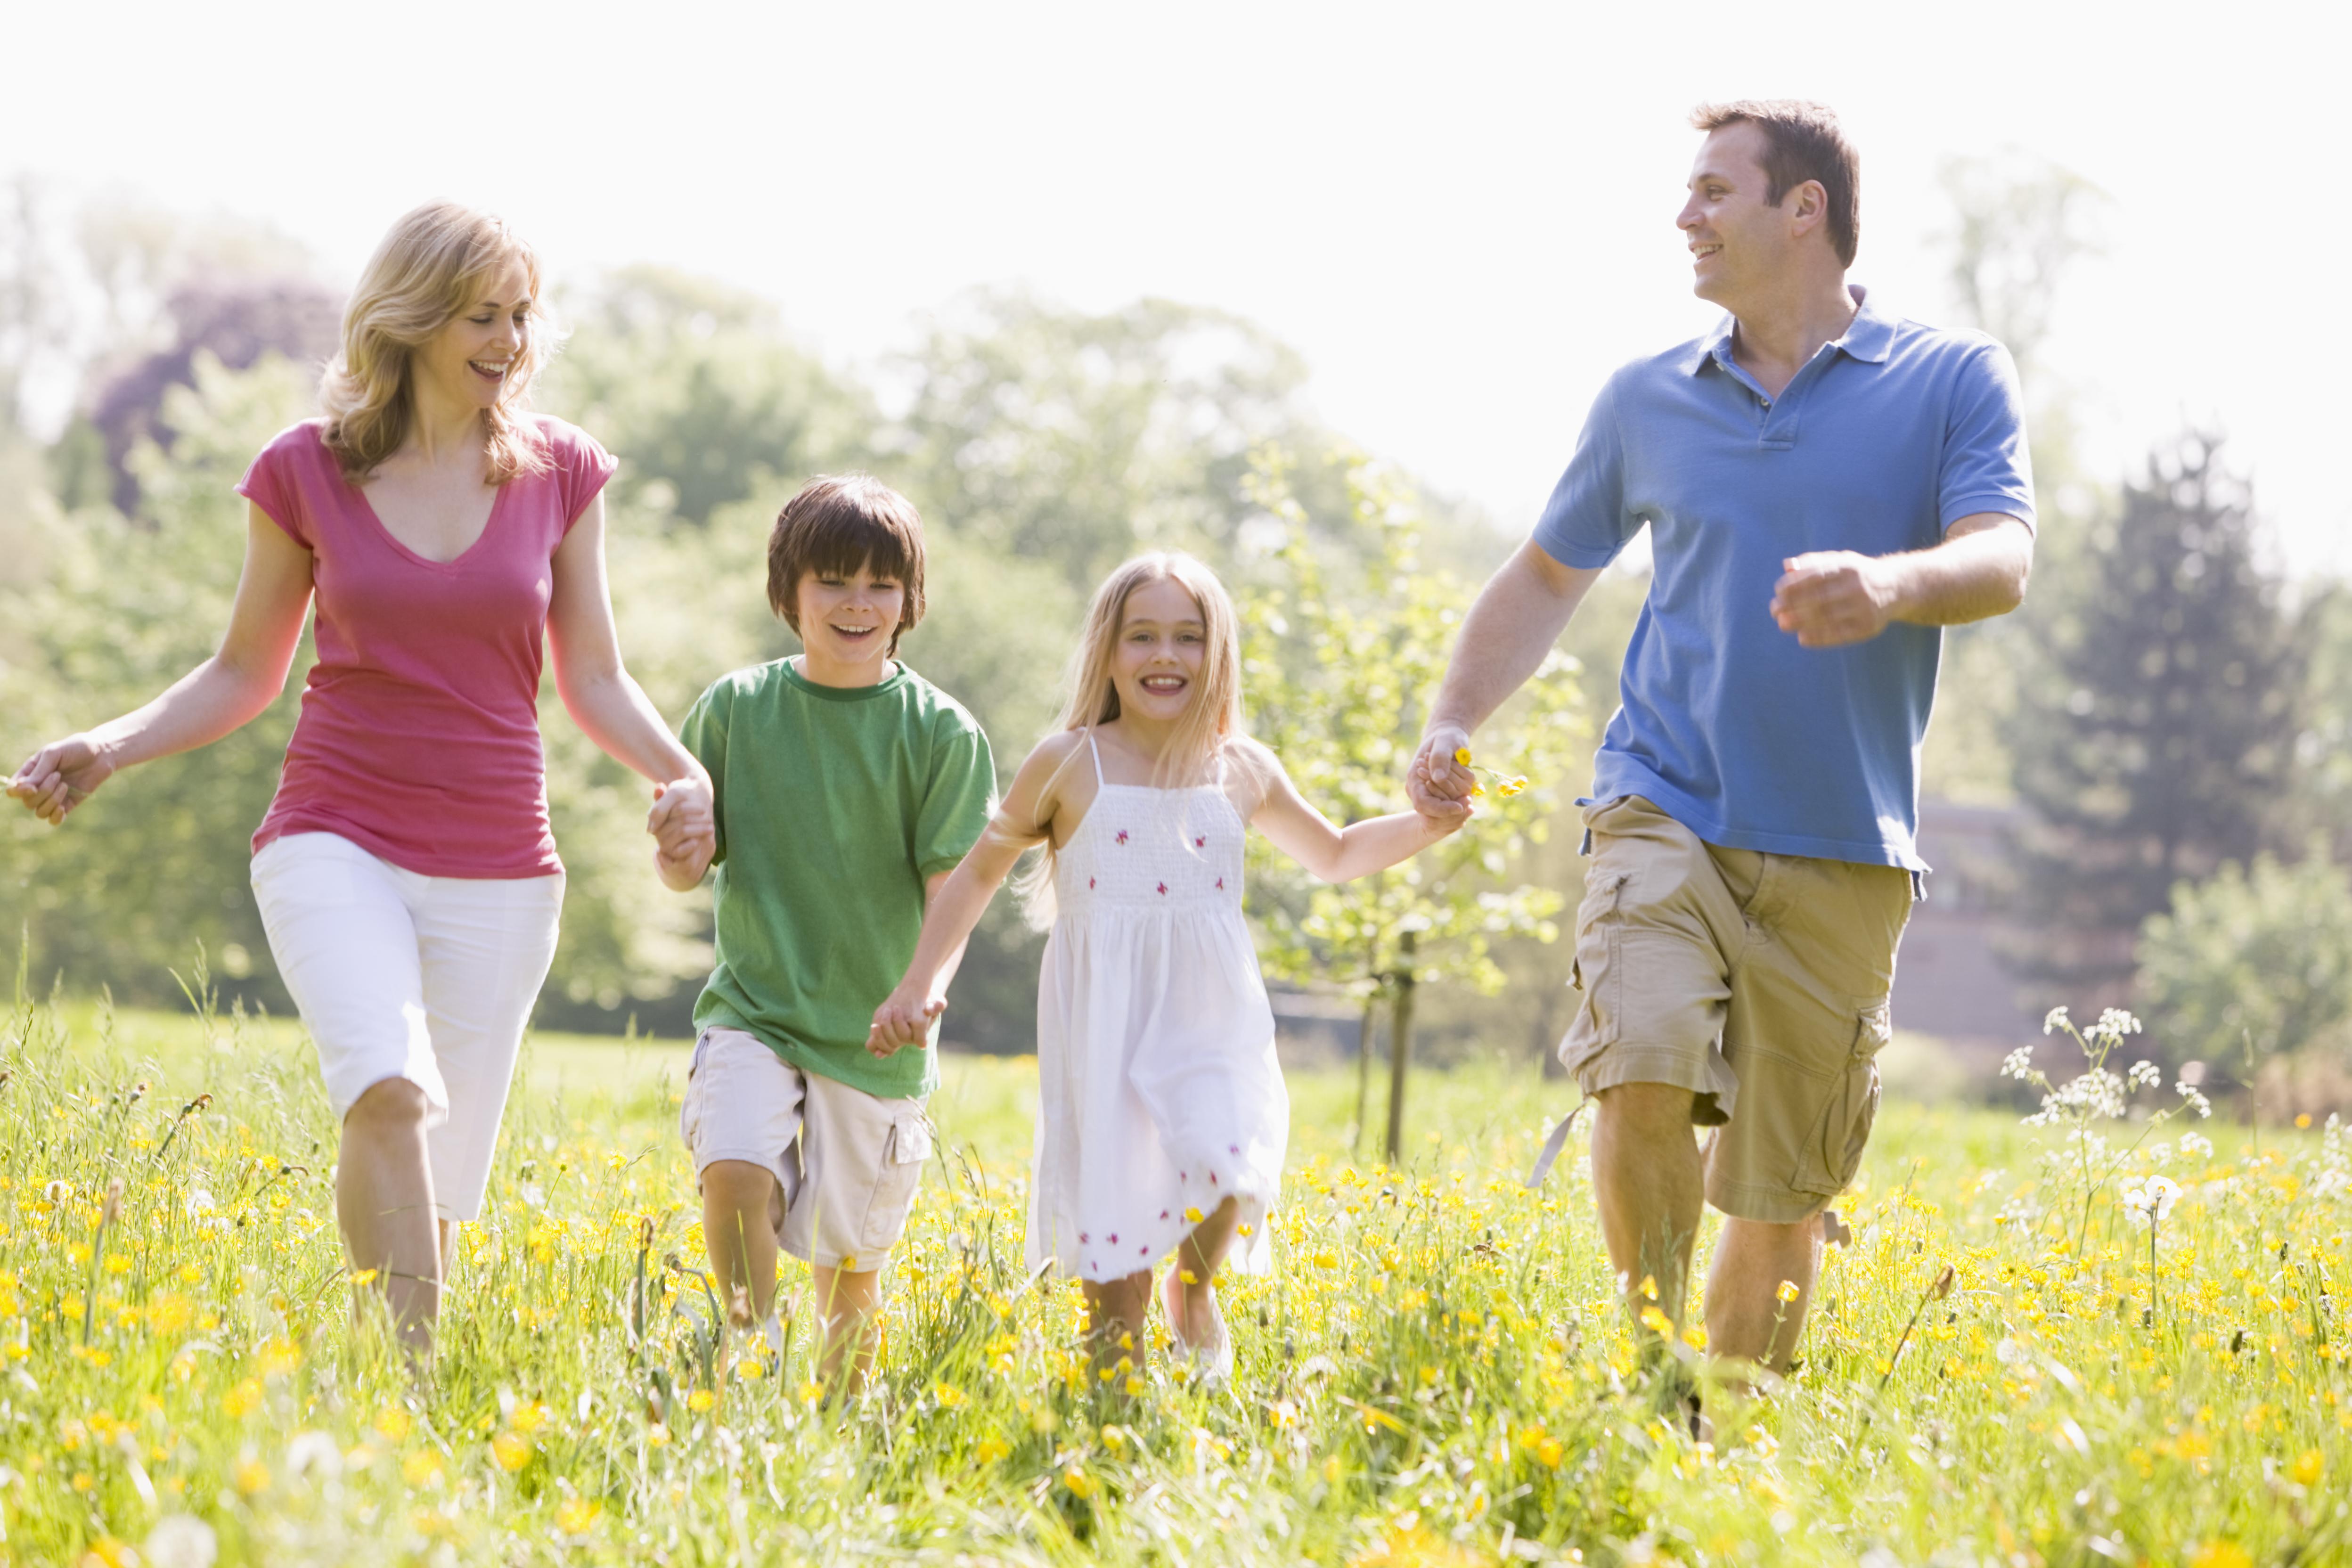 Kako postati telesno aktivna družina?